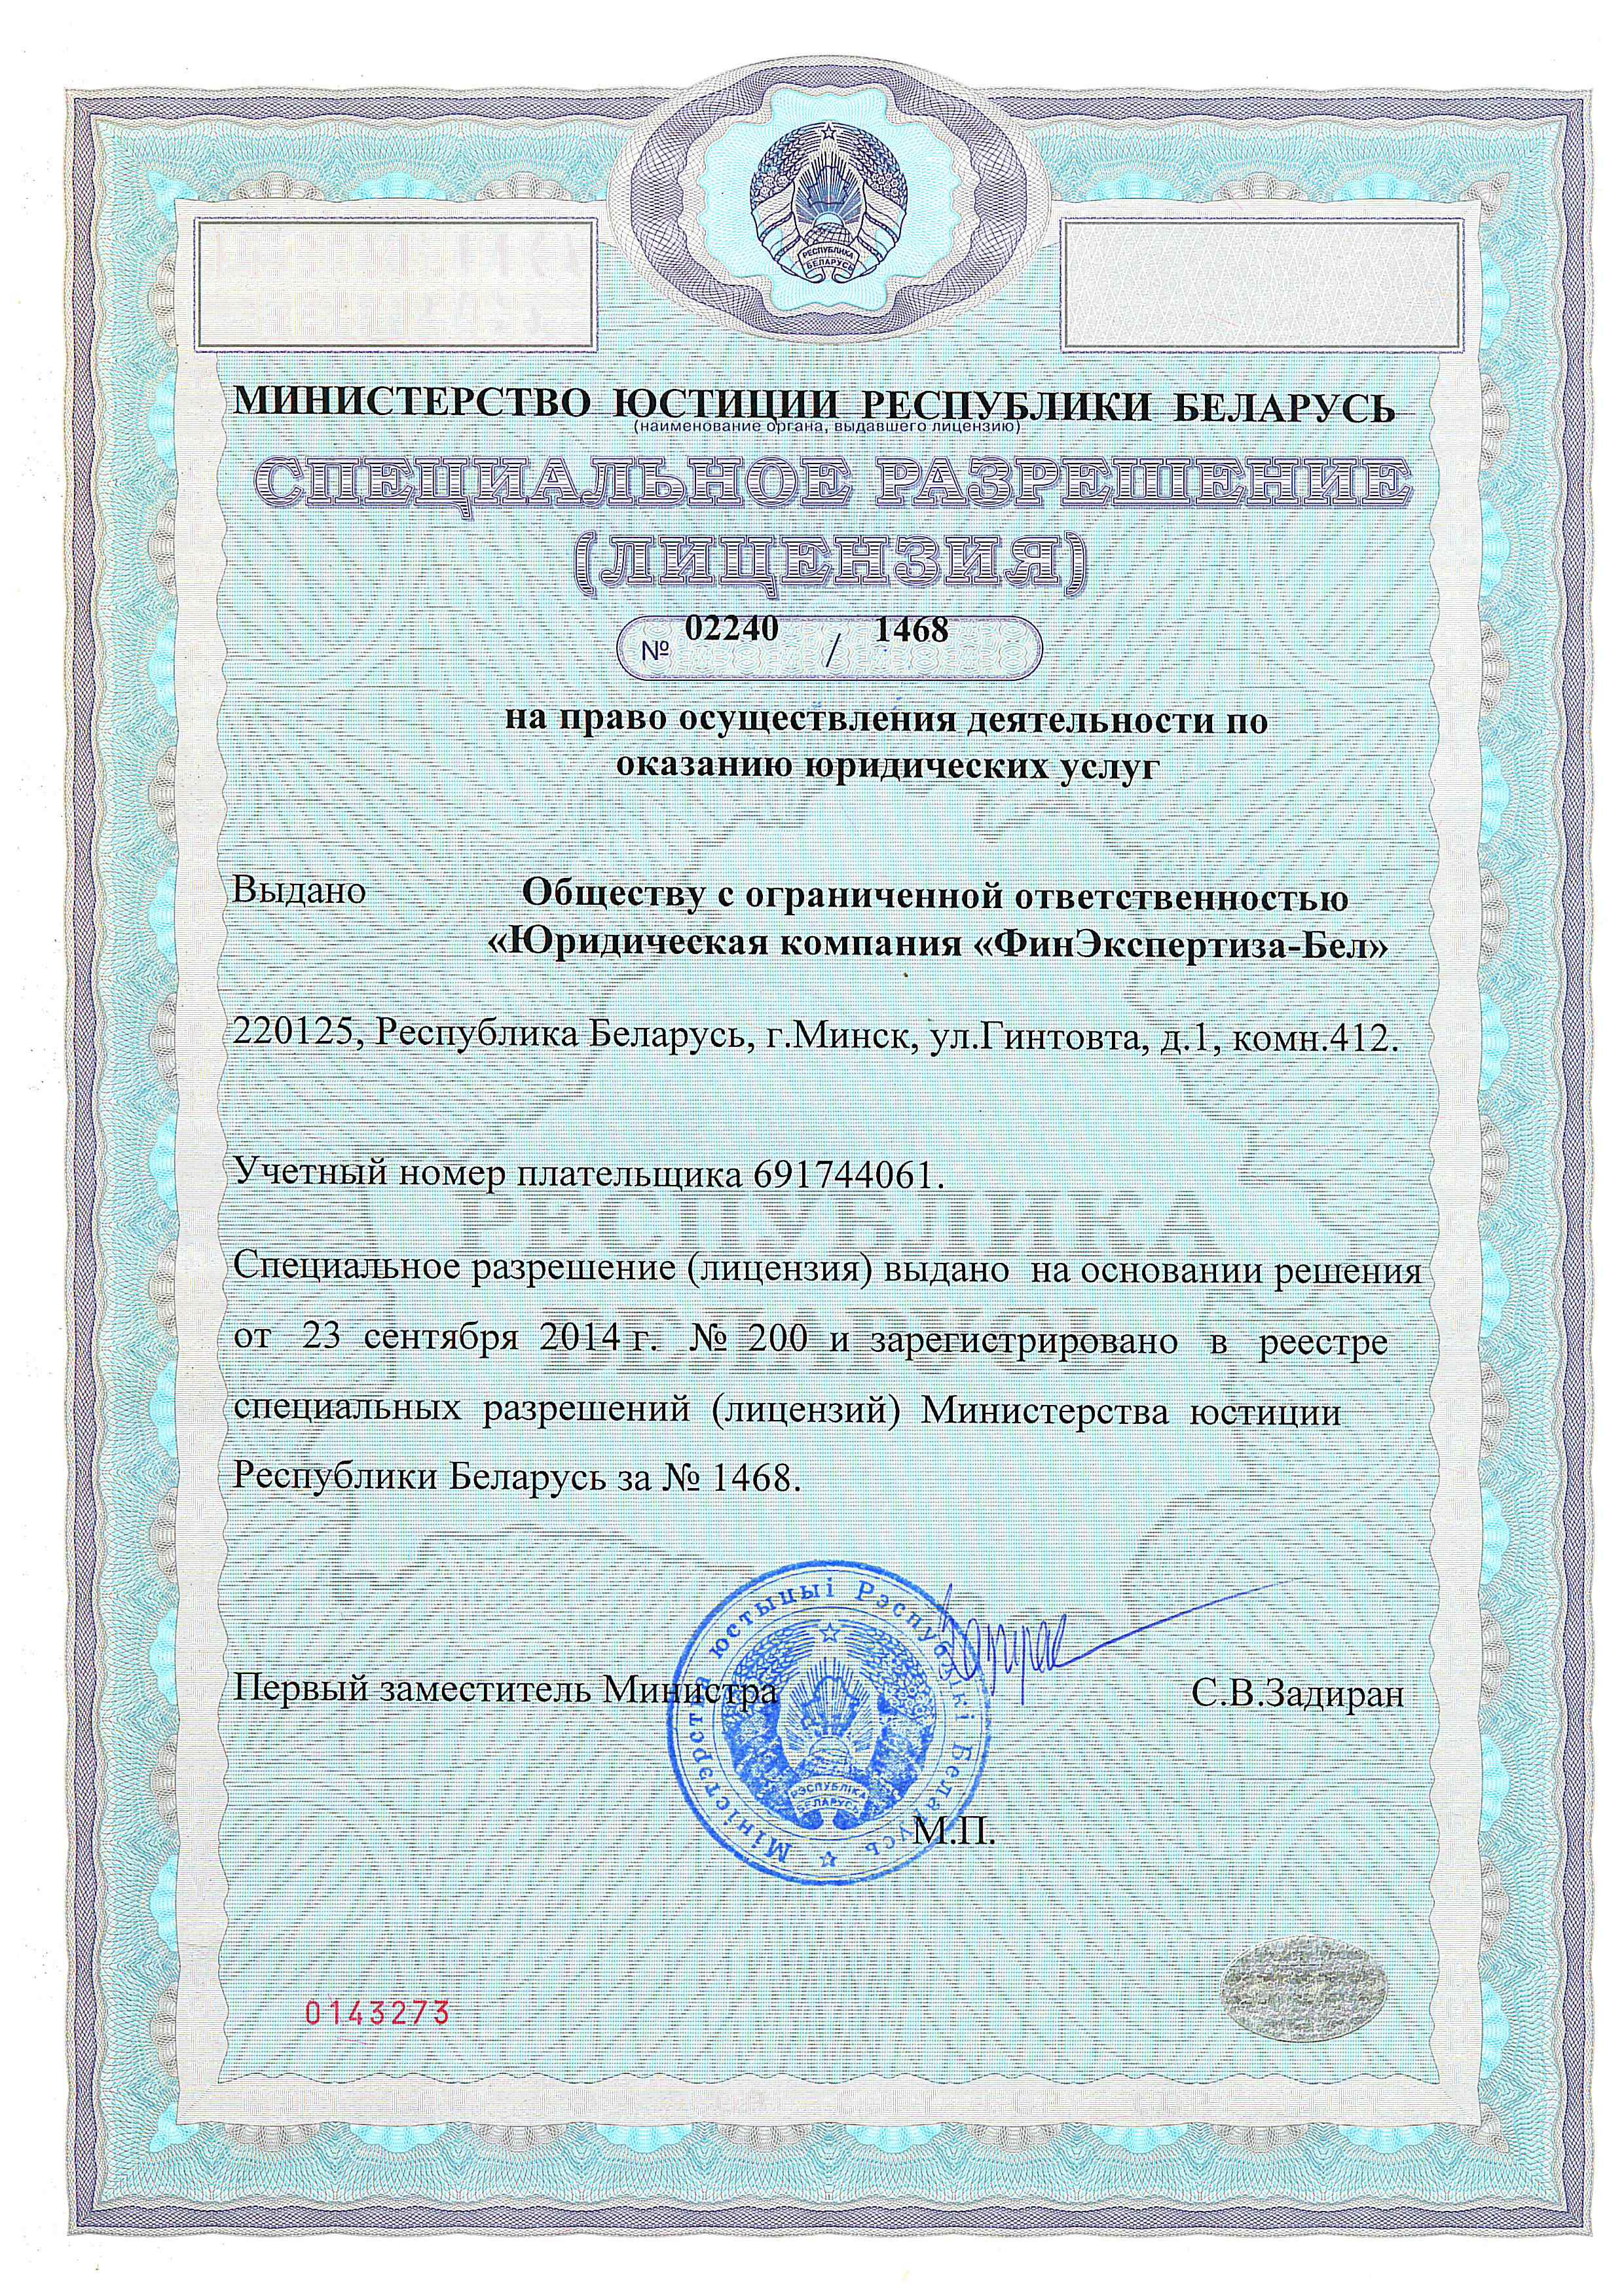 Регистрация ооо по оказанию юридических услуг фнс сведения о регистрации ип